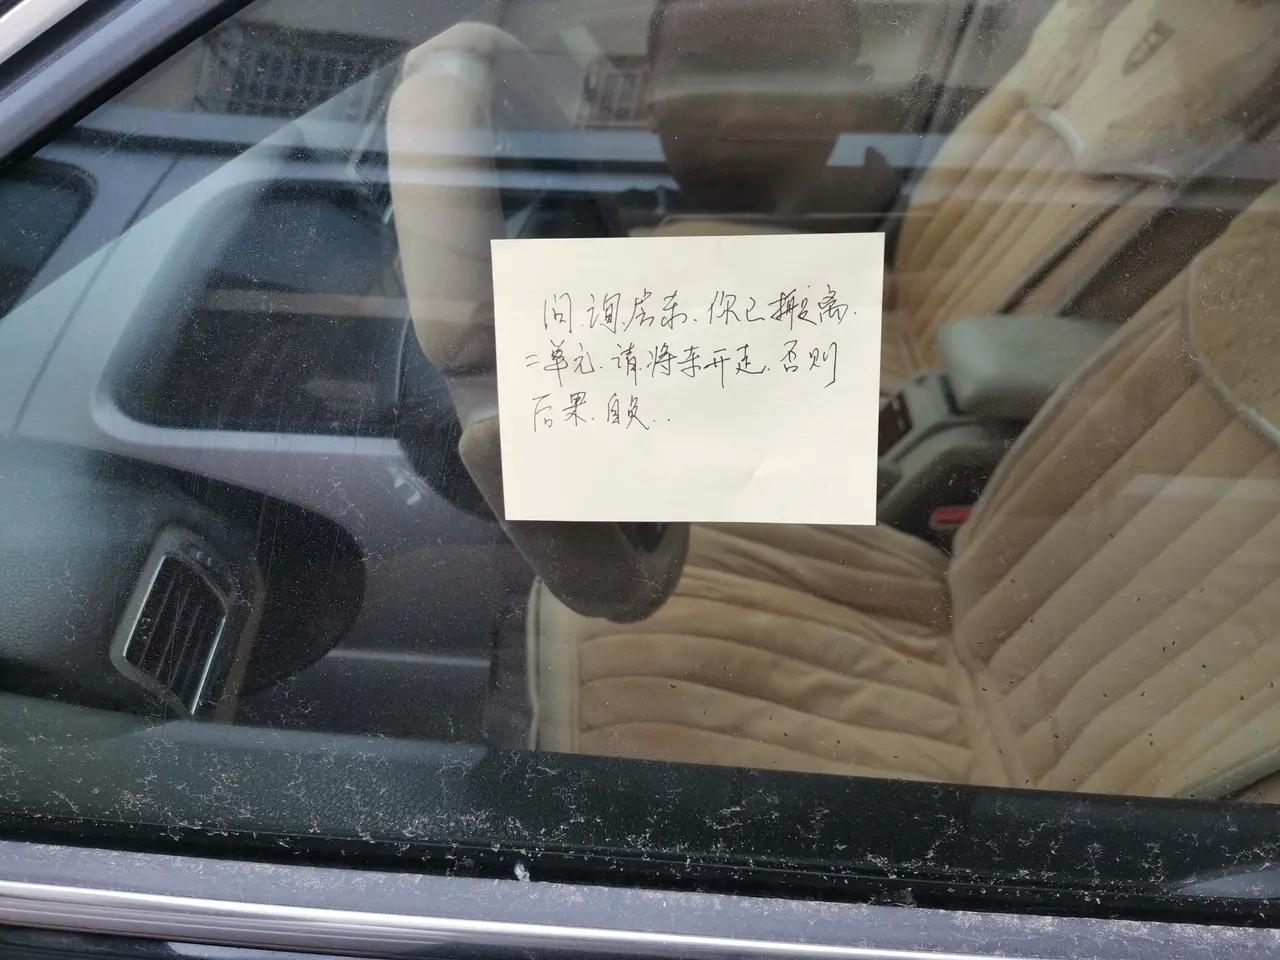 我的车上被人扔上了大便……